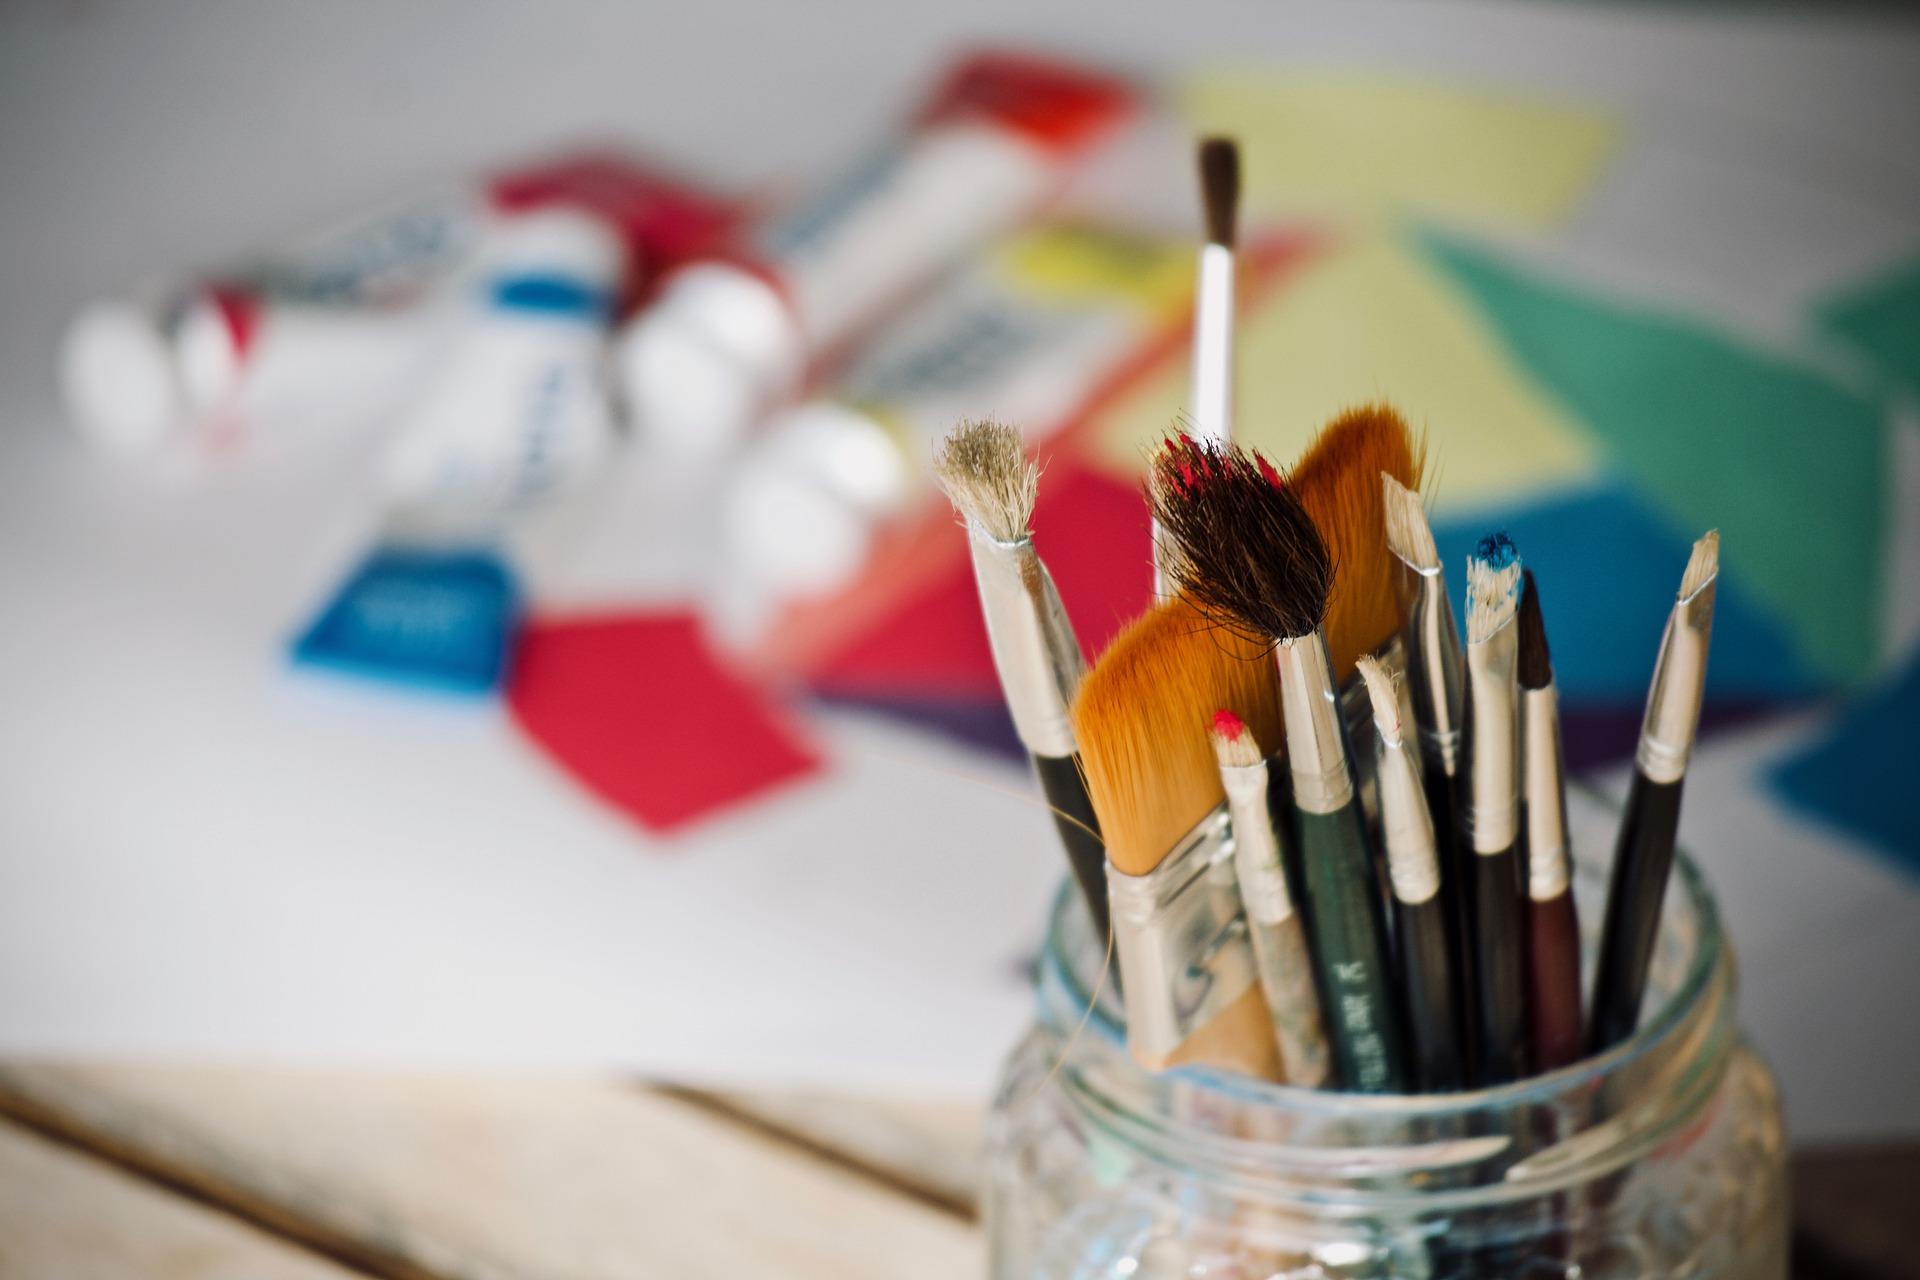 Встречу кружка «Юный художник» организовали сотрудники библиотеки №263 в Десеновском